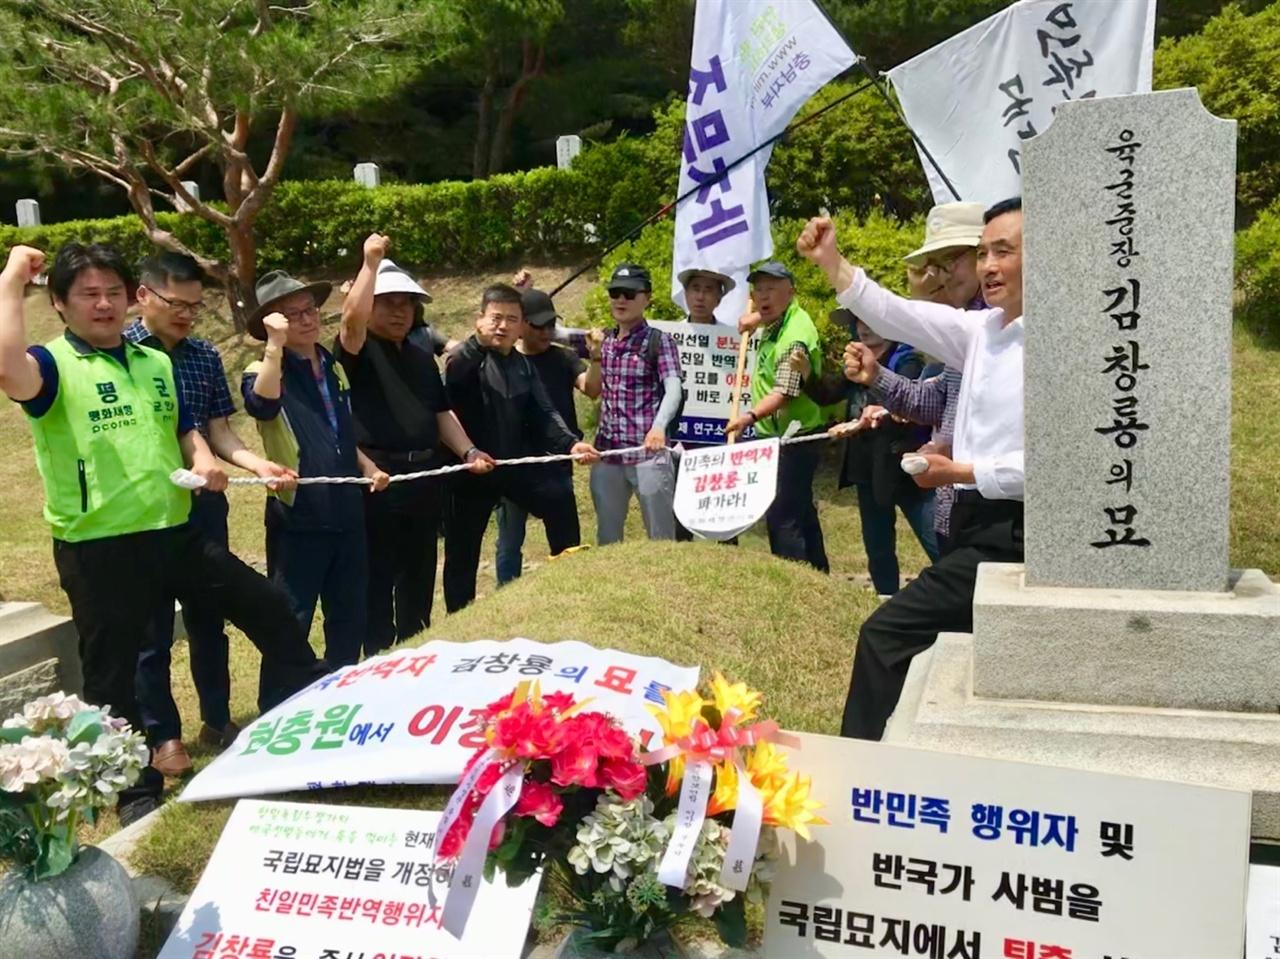 대전현충원 파묘 퍼포먼스 김창룡의 묘 앞에서 파묘 퍼모먼스를 대회 참가자들이 이행하고 있다.